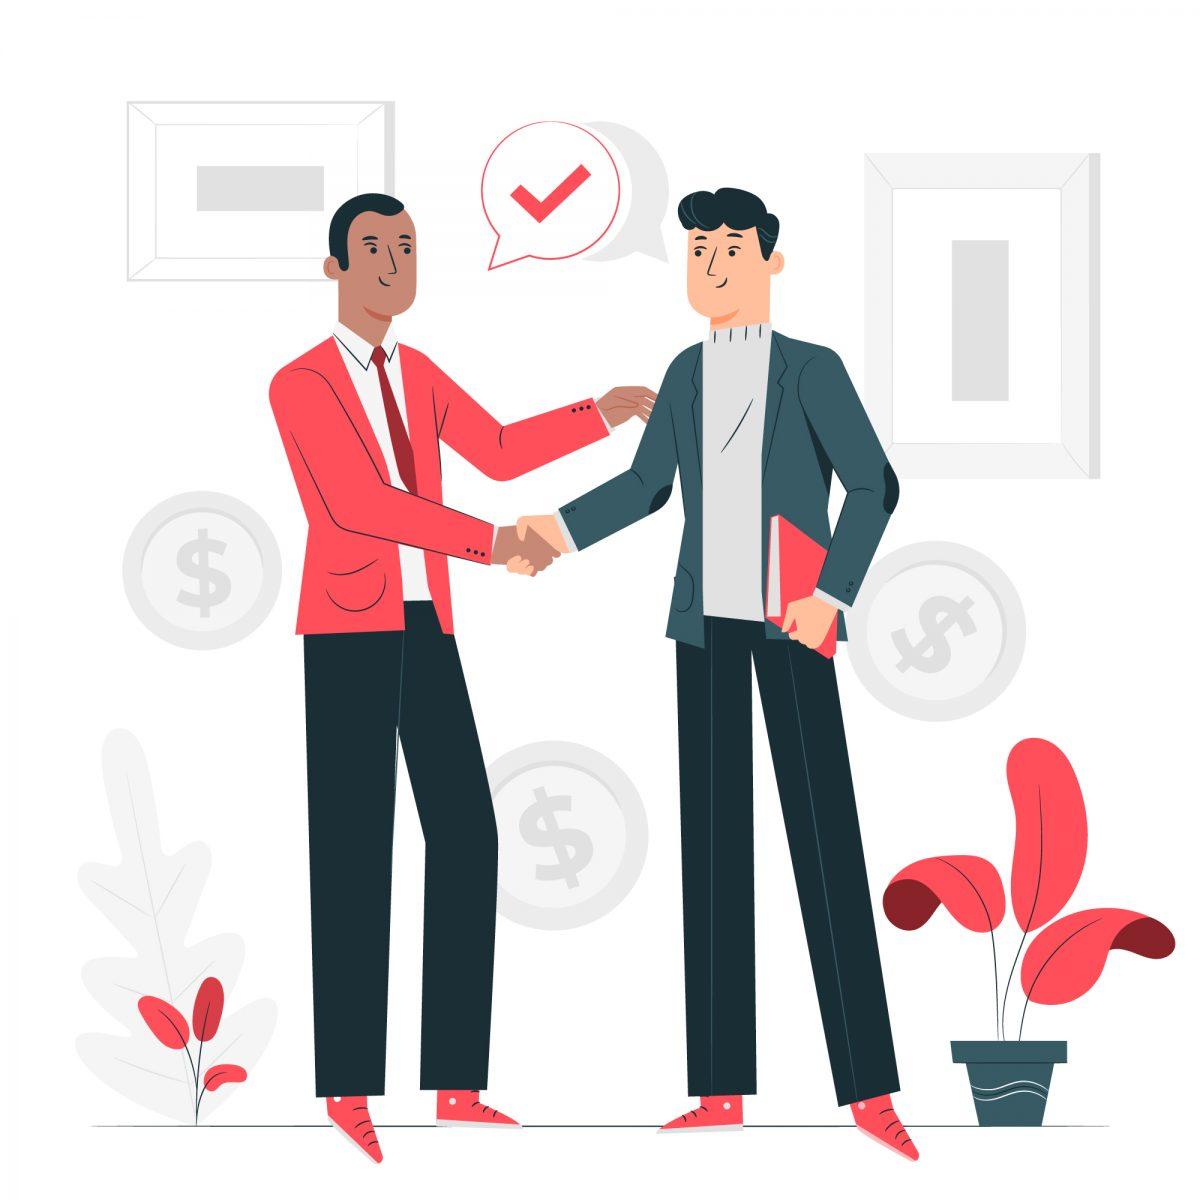 ledarskap-relationsmodellen